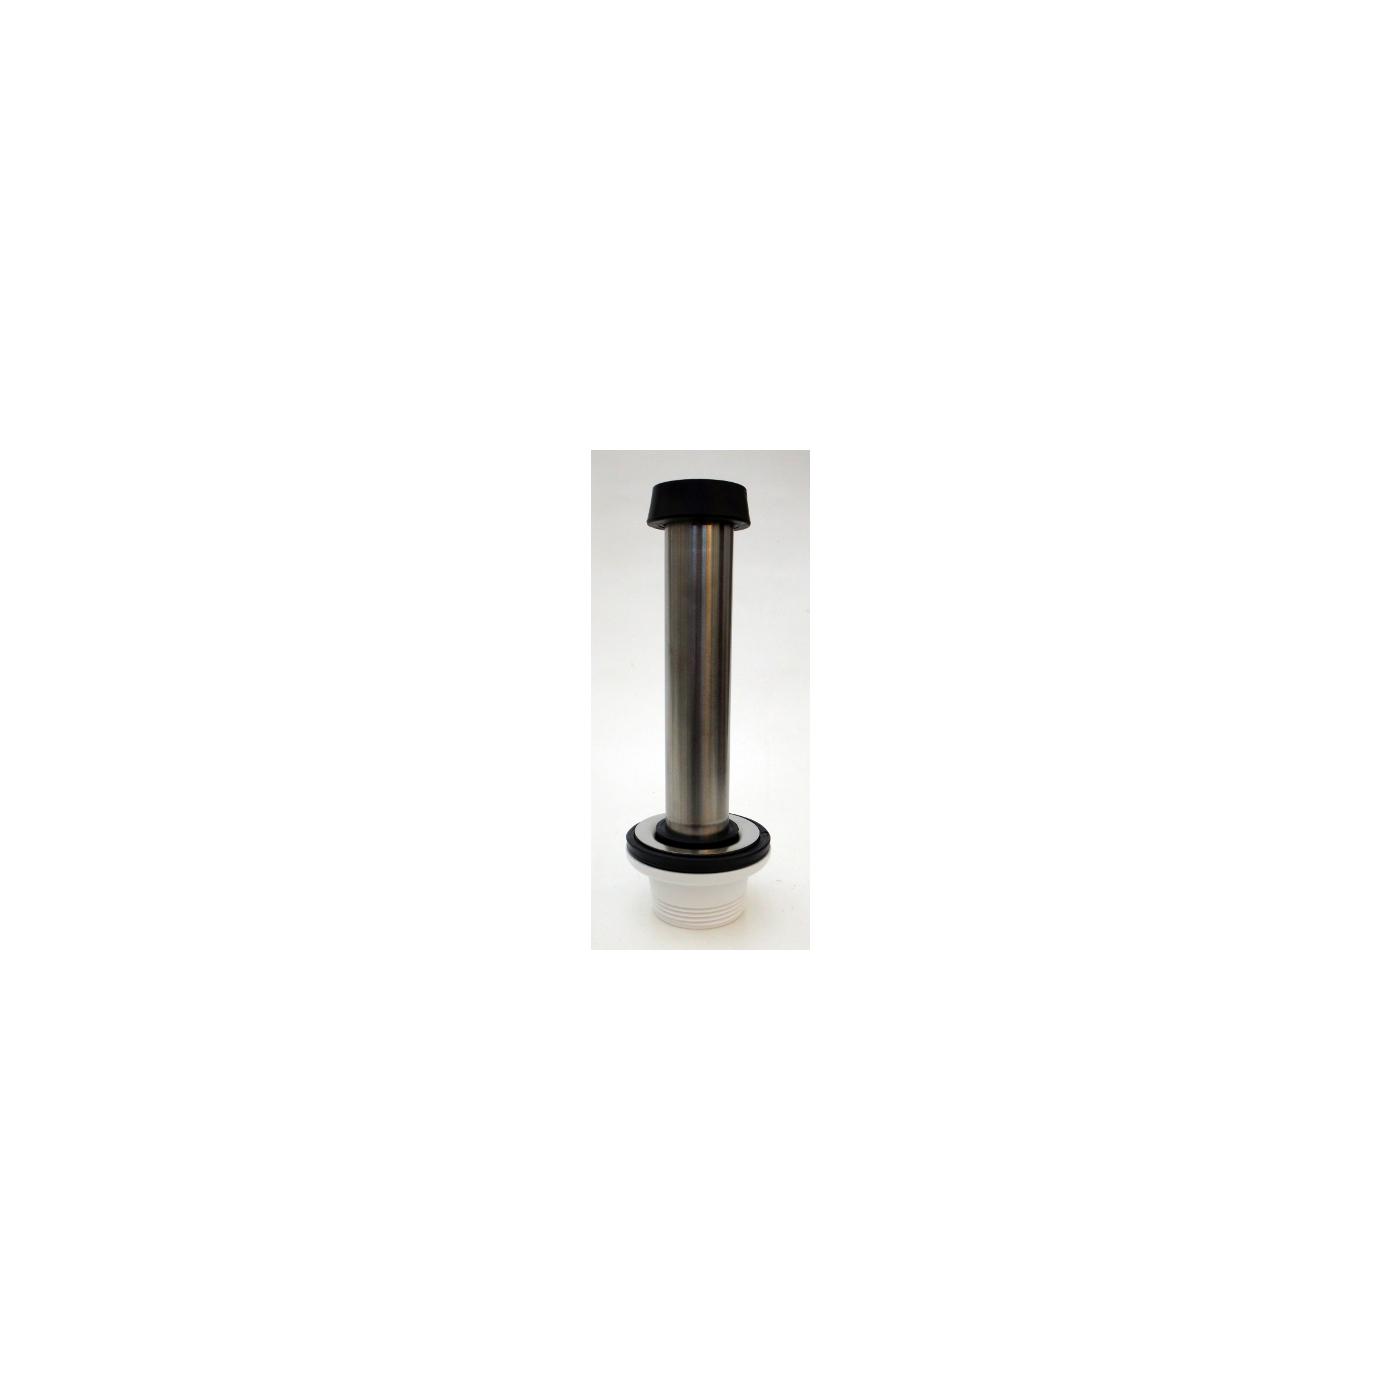 Ab- und Überlaufgarnitur 1 1/4 Zoll für 200 mm Beckentiefe.